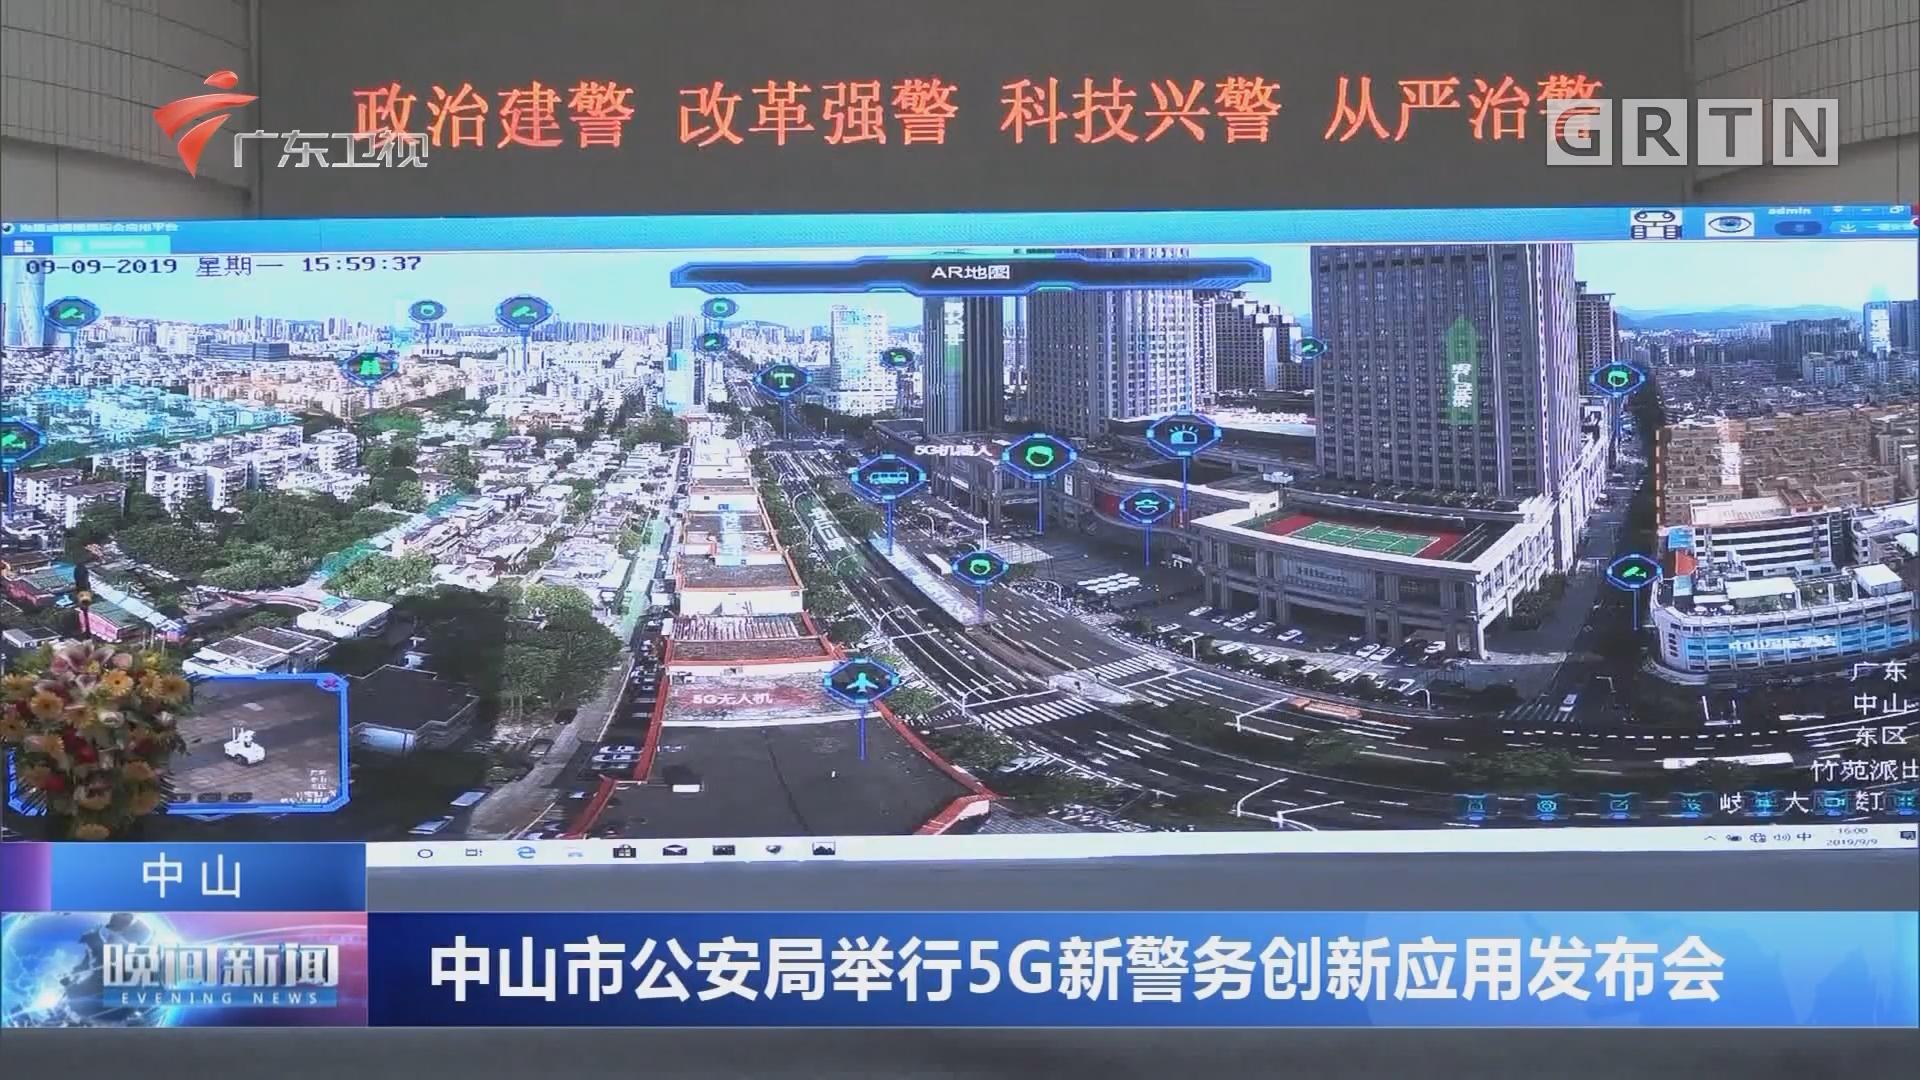 中山:中山市公安局舉行5G新警務創新應用發布會